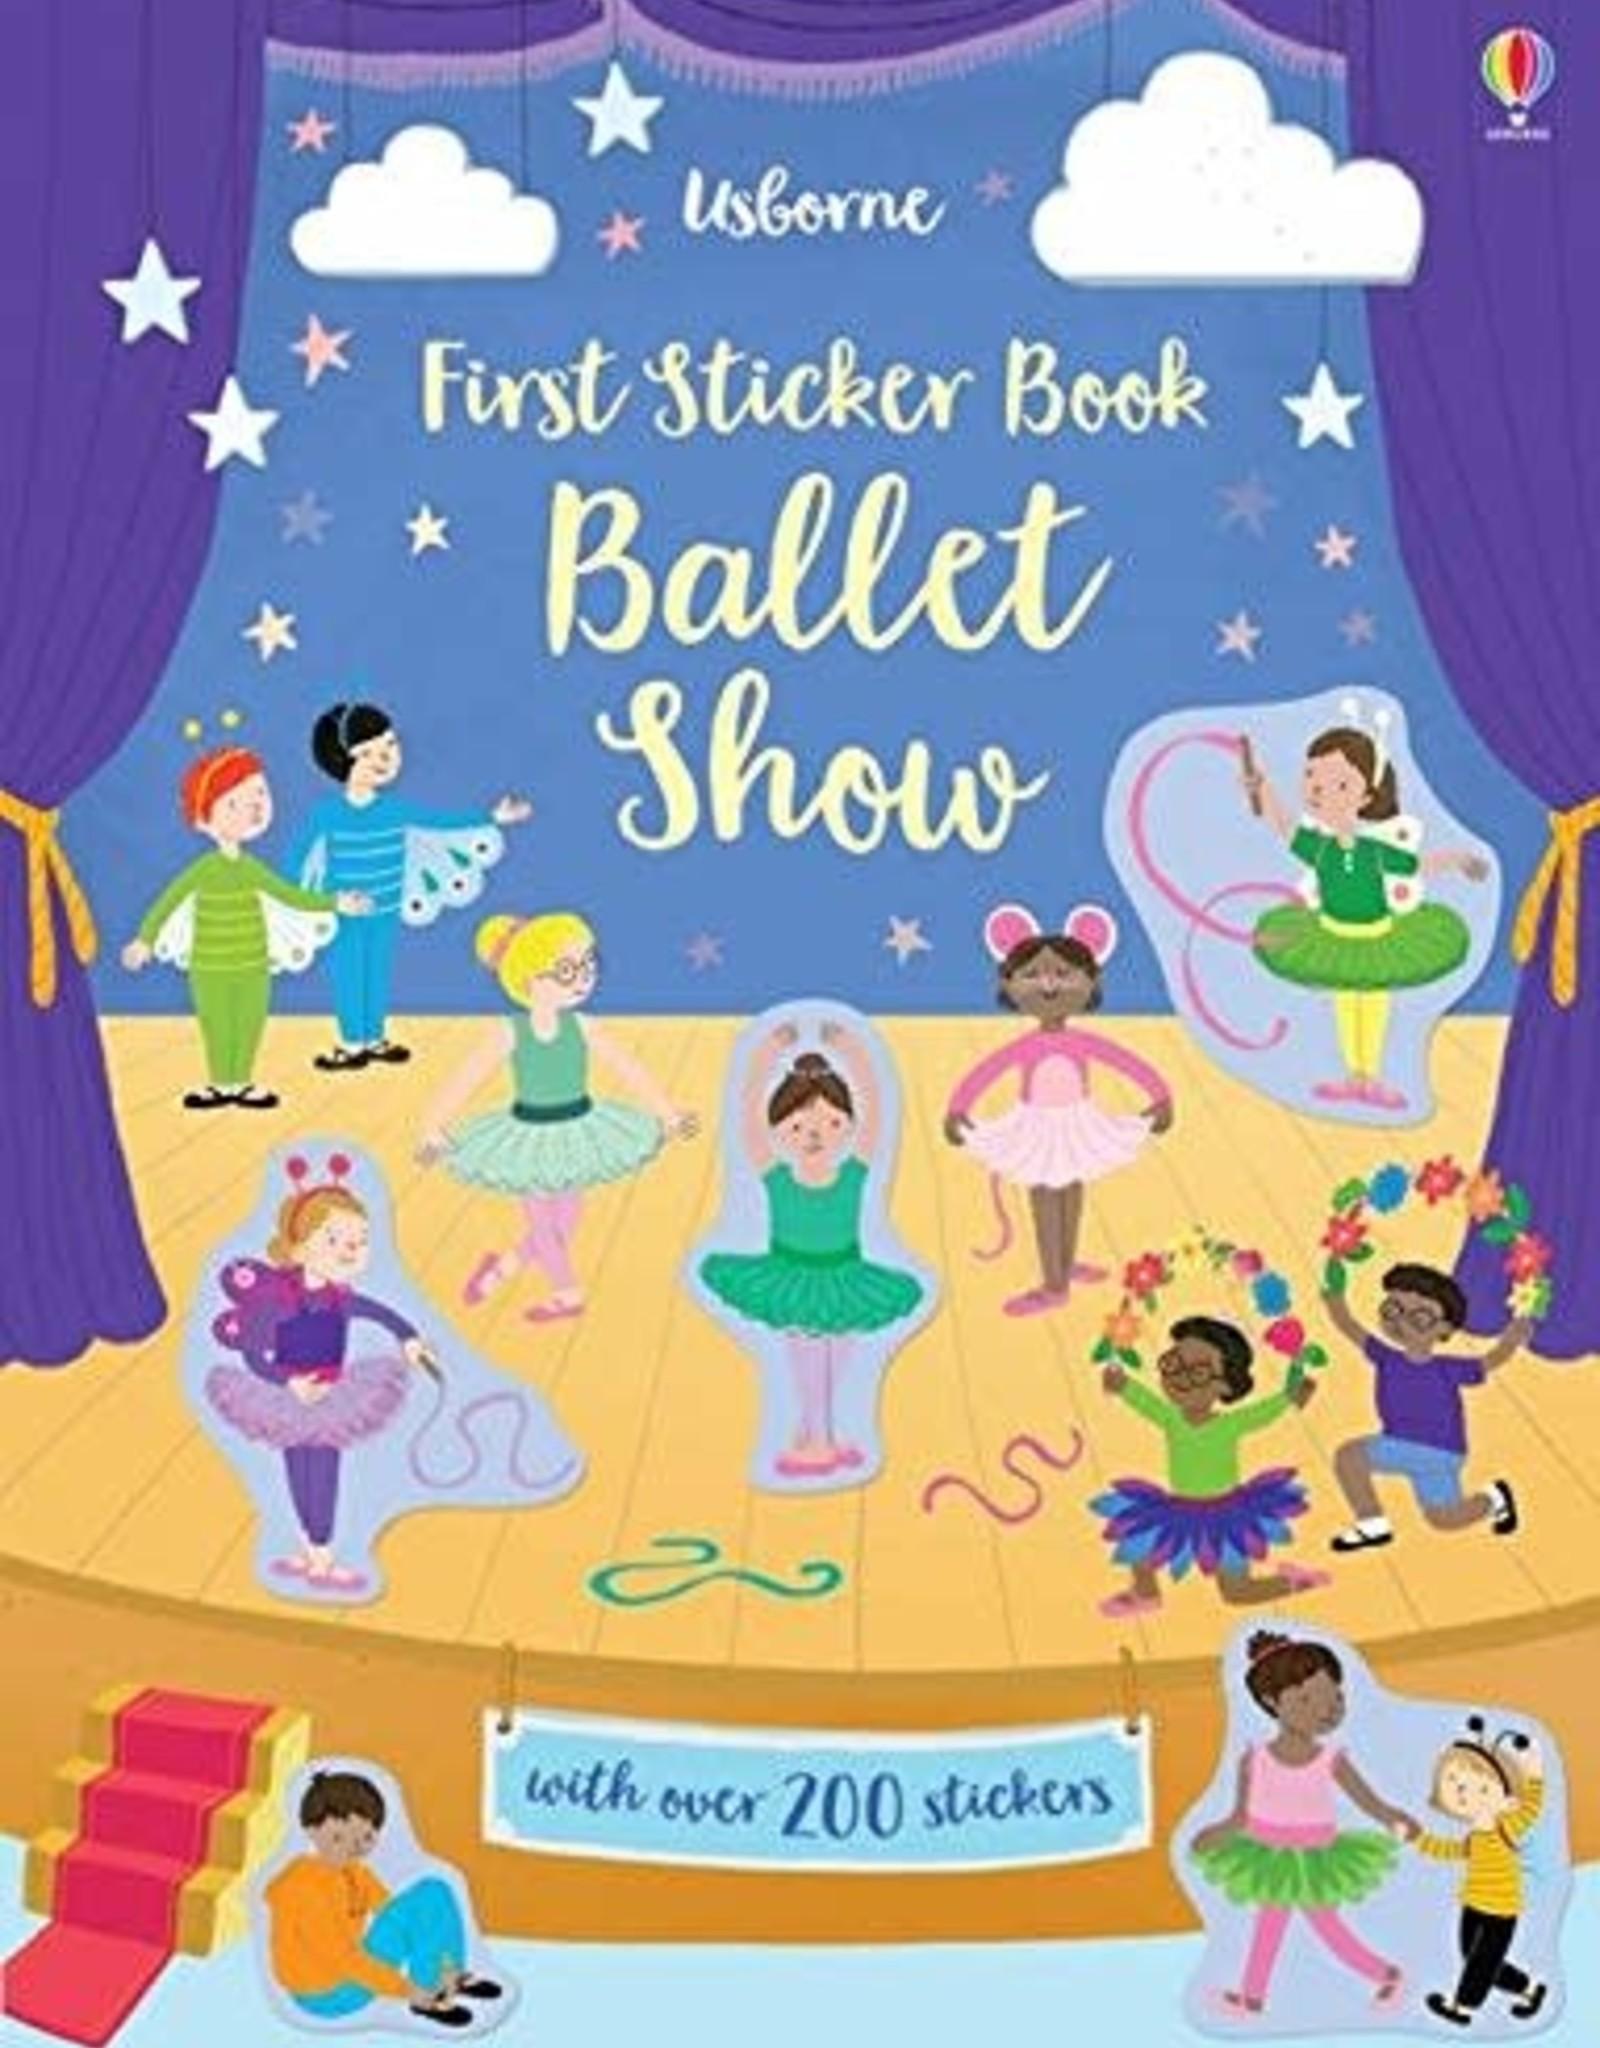 Usborne First Sticker Book: Ballet Show